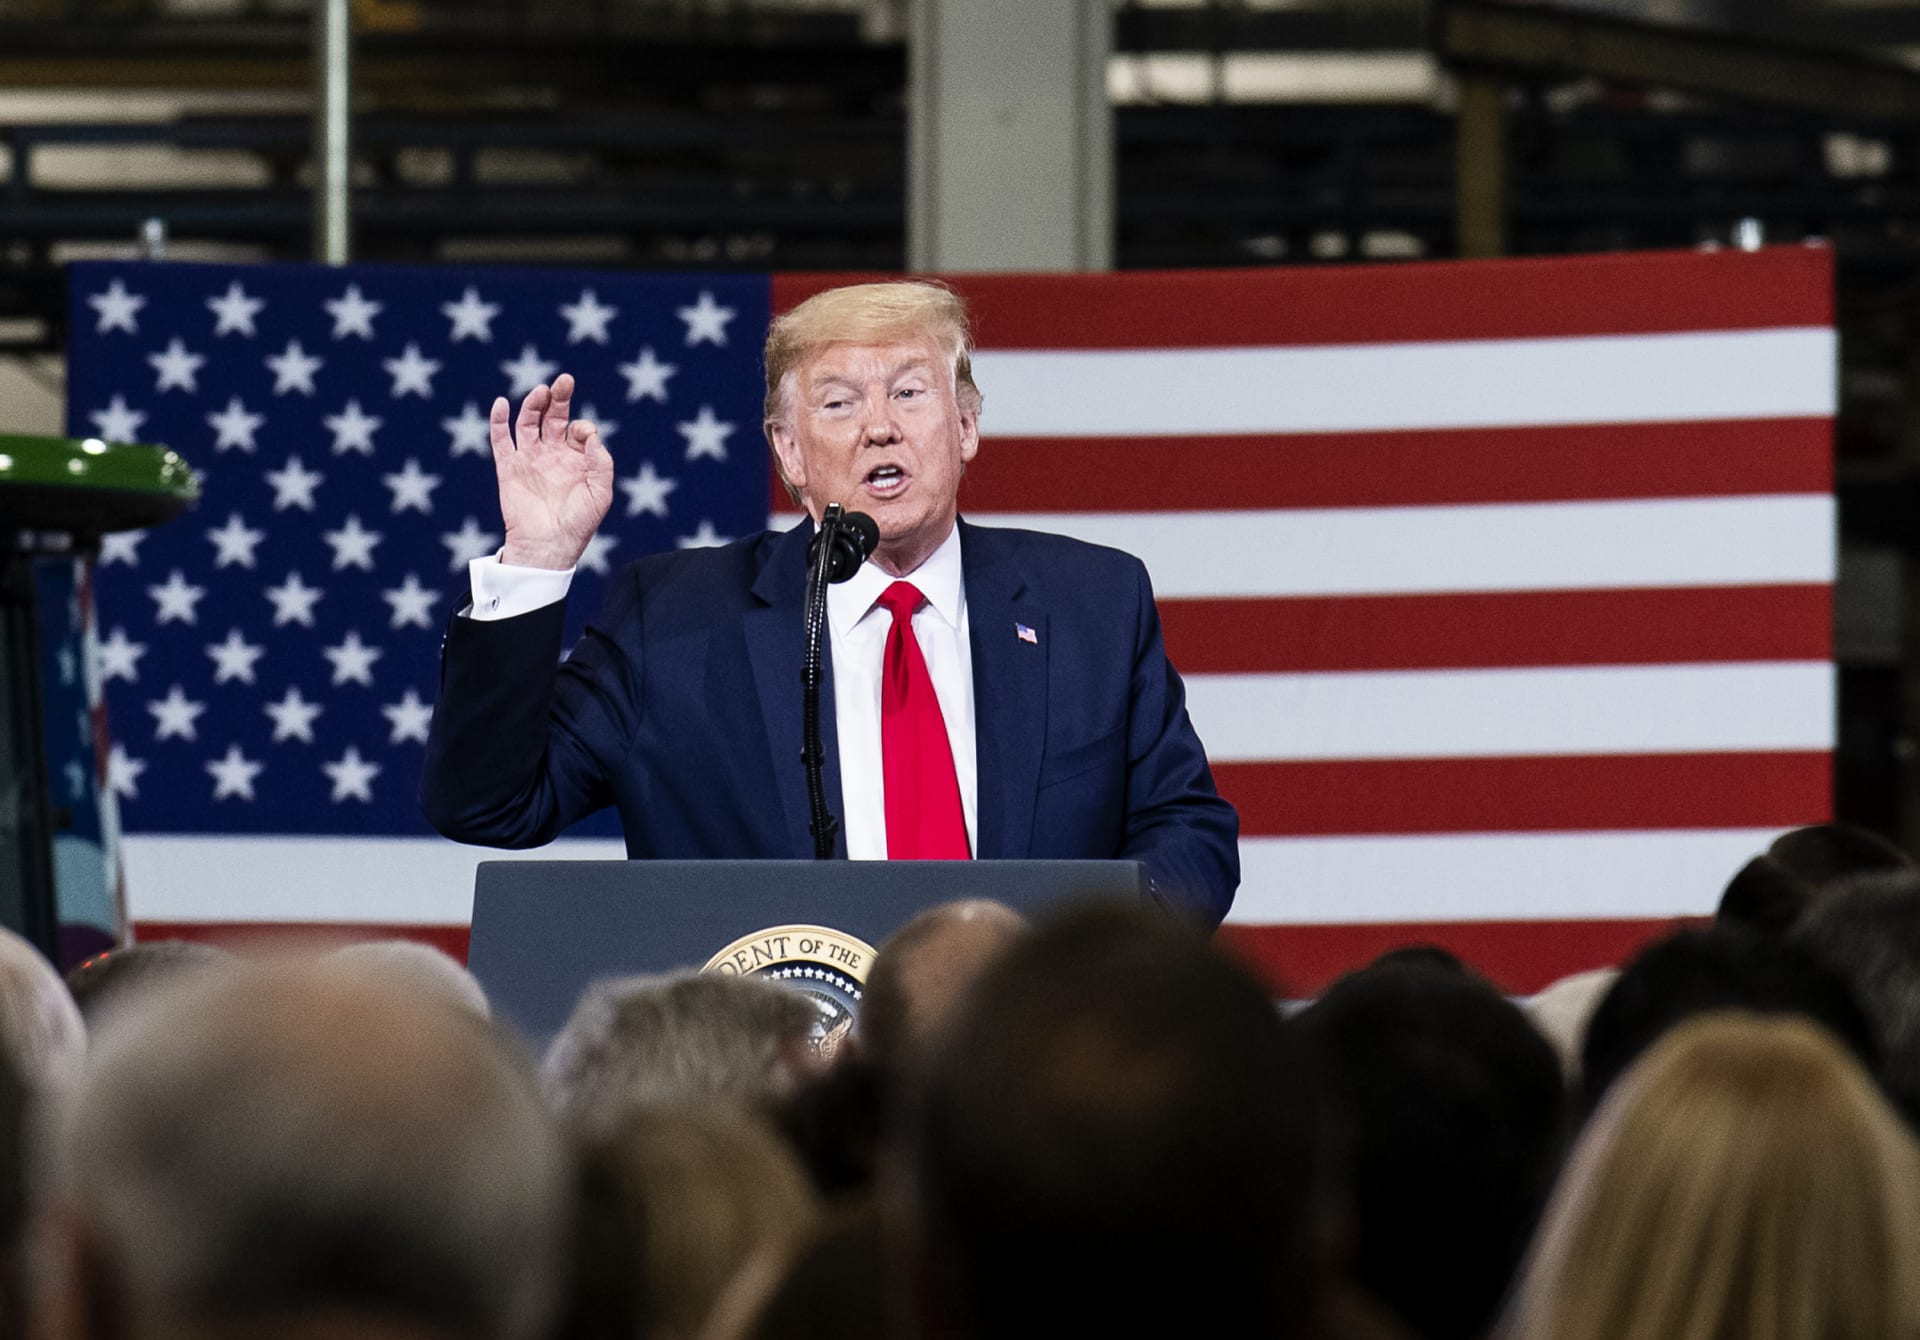 مصادر مُطلعة: إدارة ترامب ستوسع حظر السفر إلى أمريكا ليشمل 6 دول جديدة